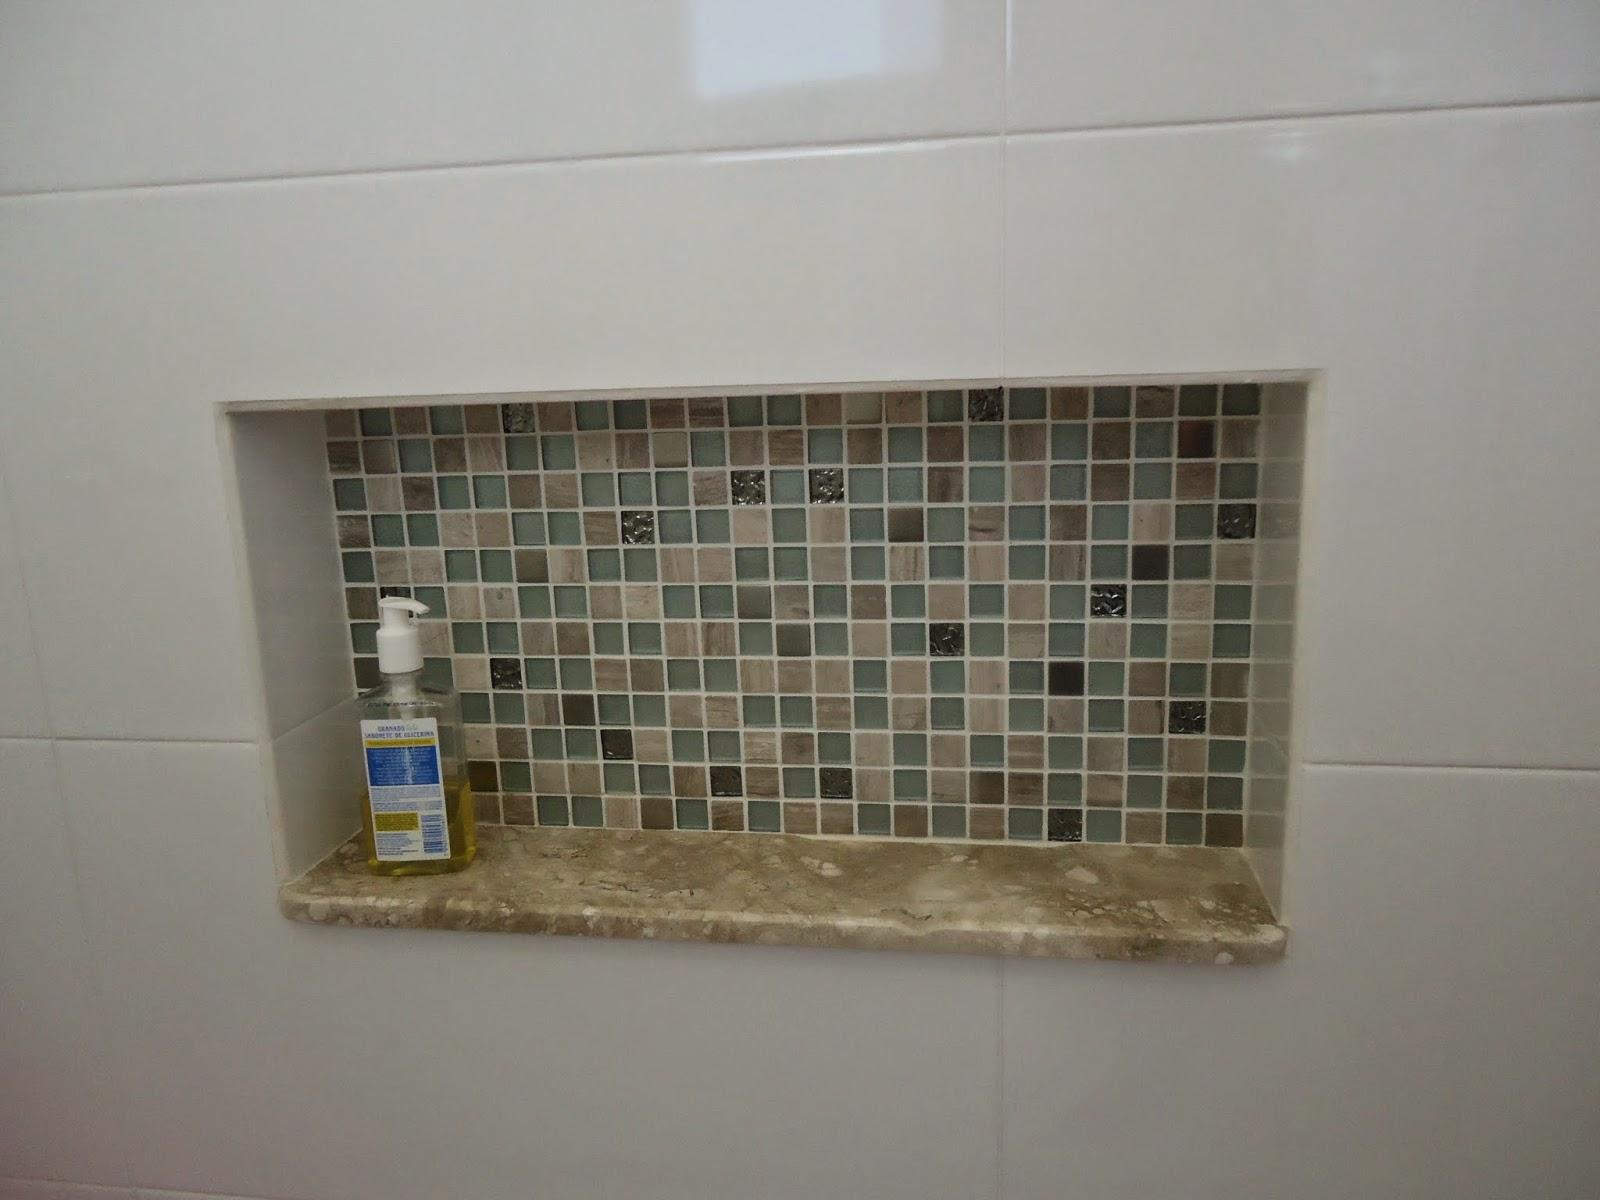 #2A436C Nichos e pastilhas de vidro em banheiro infantil 1600x1200 px Banheiro Nicho Pastilhas 2731